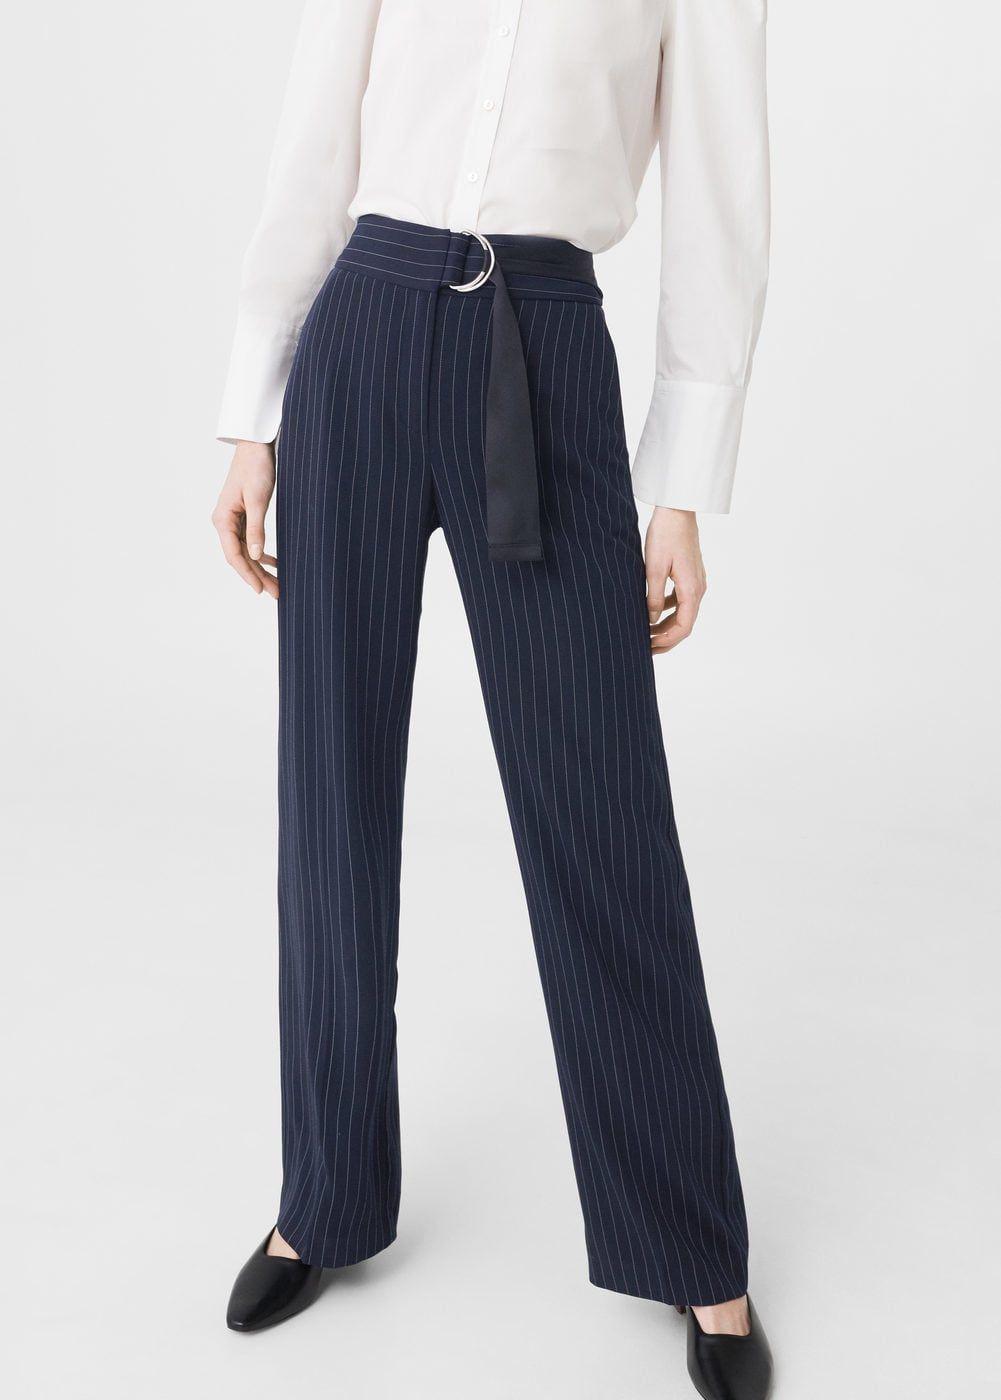 Krijtstreepbroek Dames Outlet Nederland Work Trousers Pants